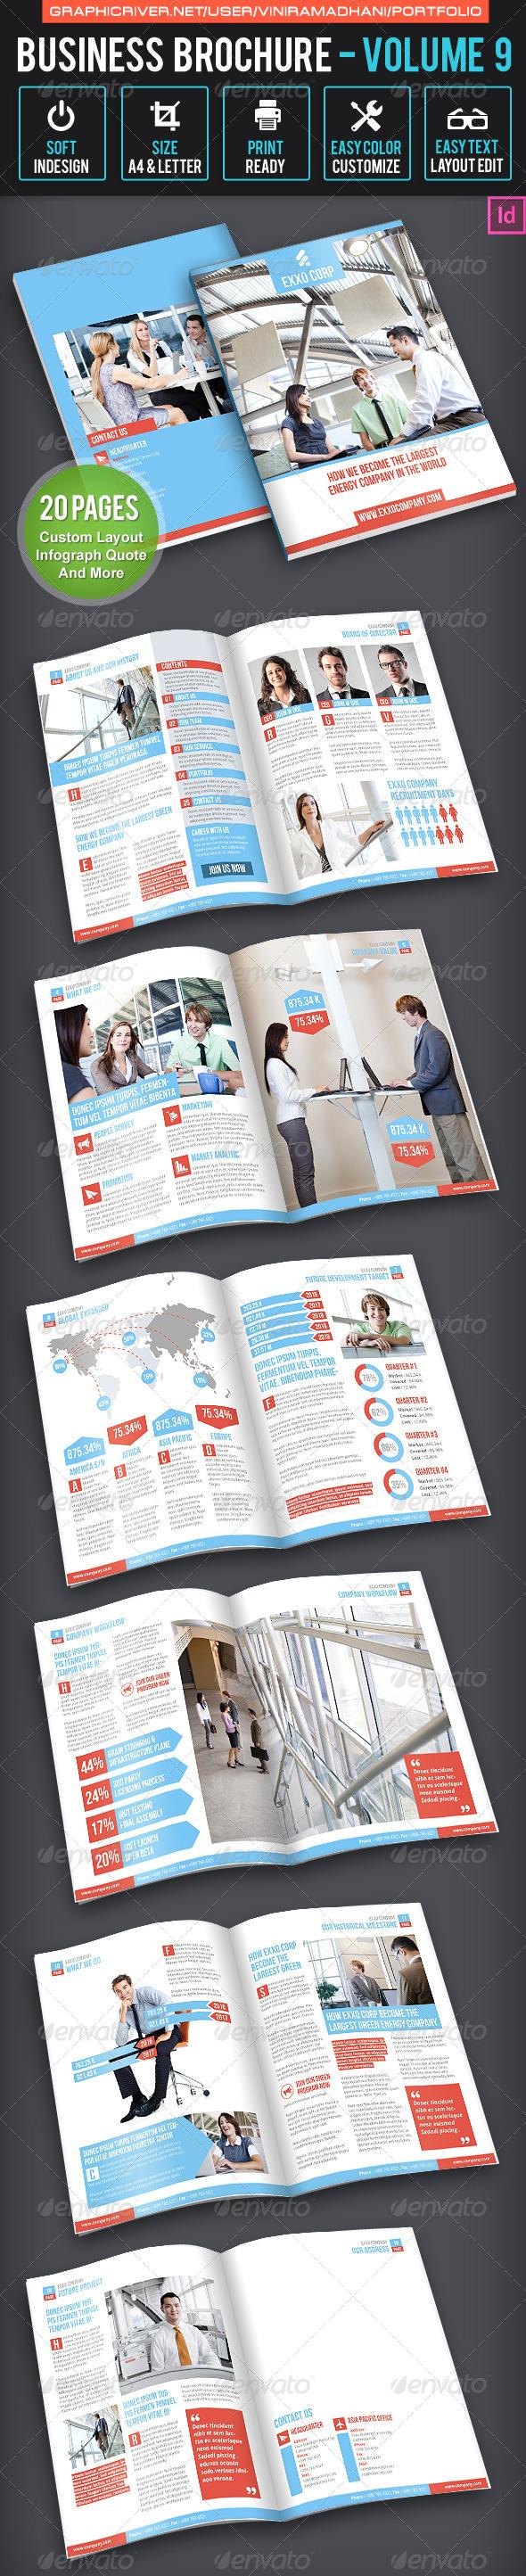 Business Brochure | Volume 9 - Corporate Brochures